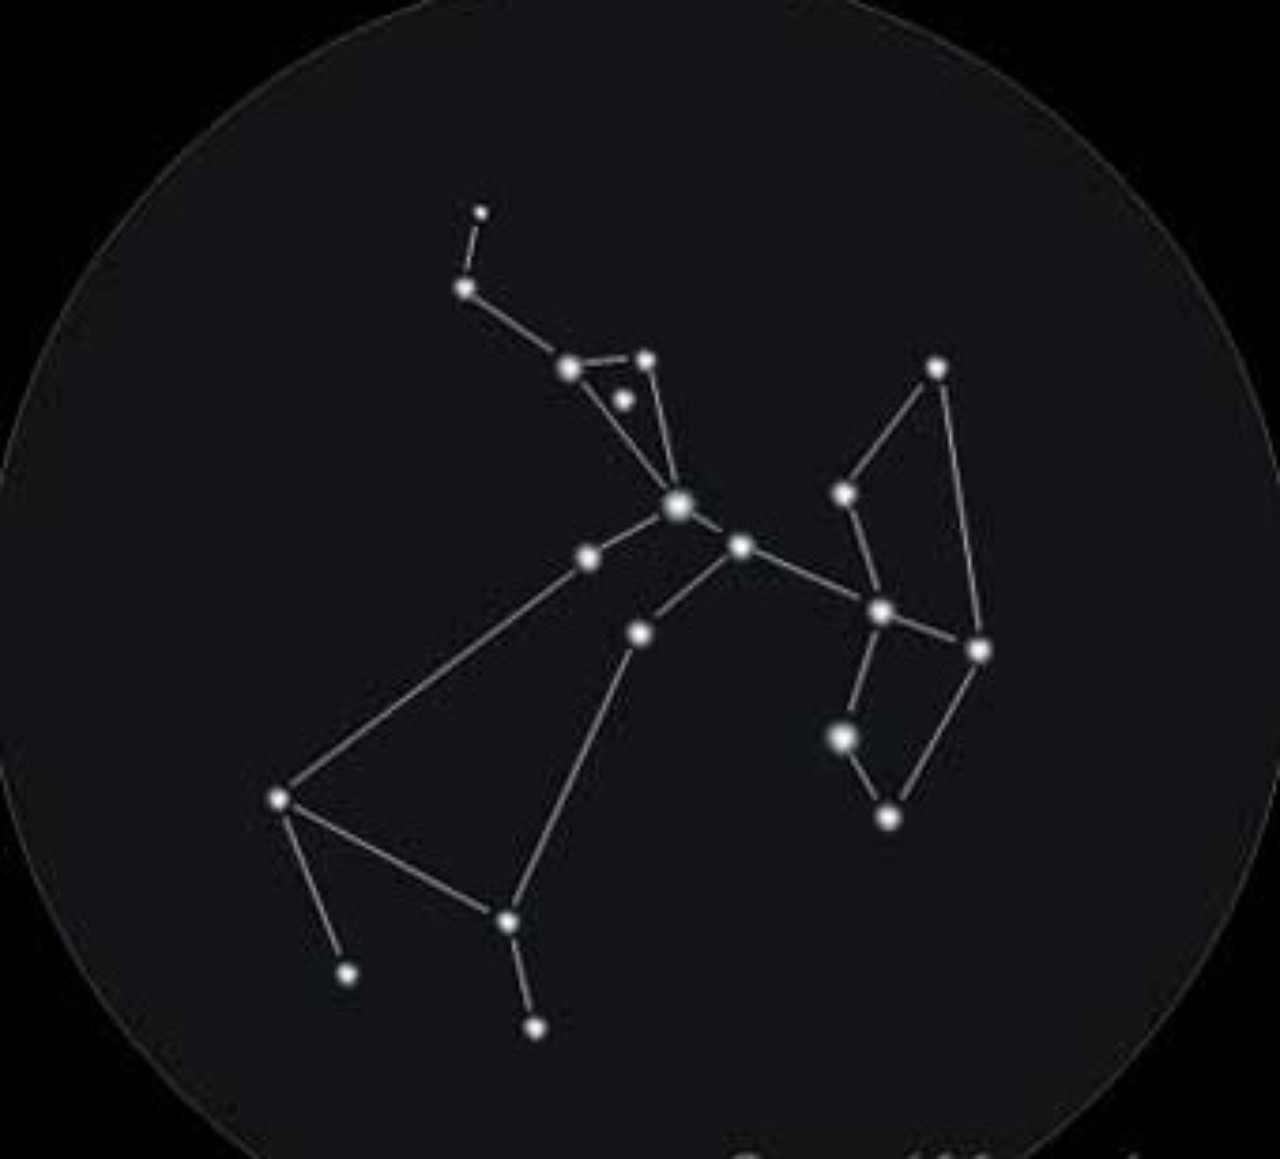 Sagittarius Constellation Stars Images &amp Pictures  Becuo